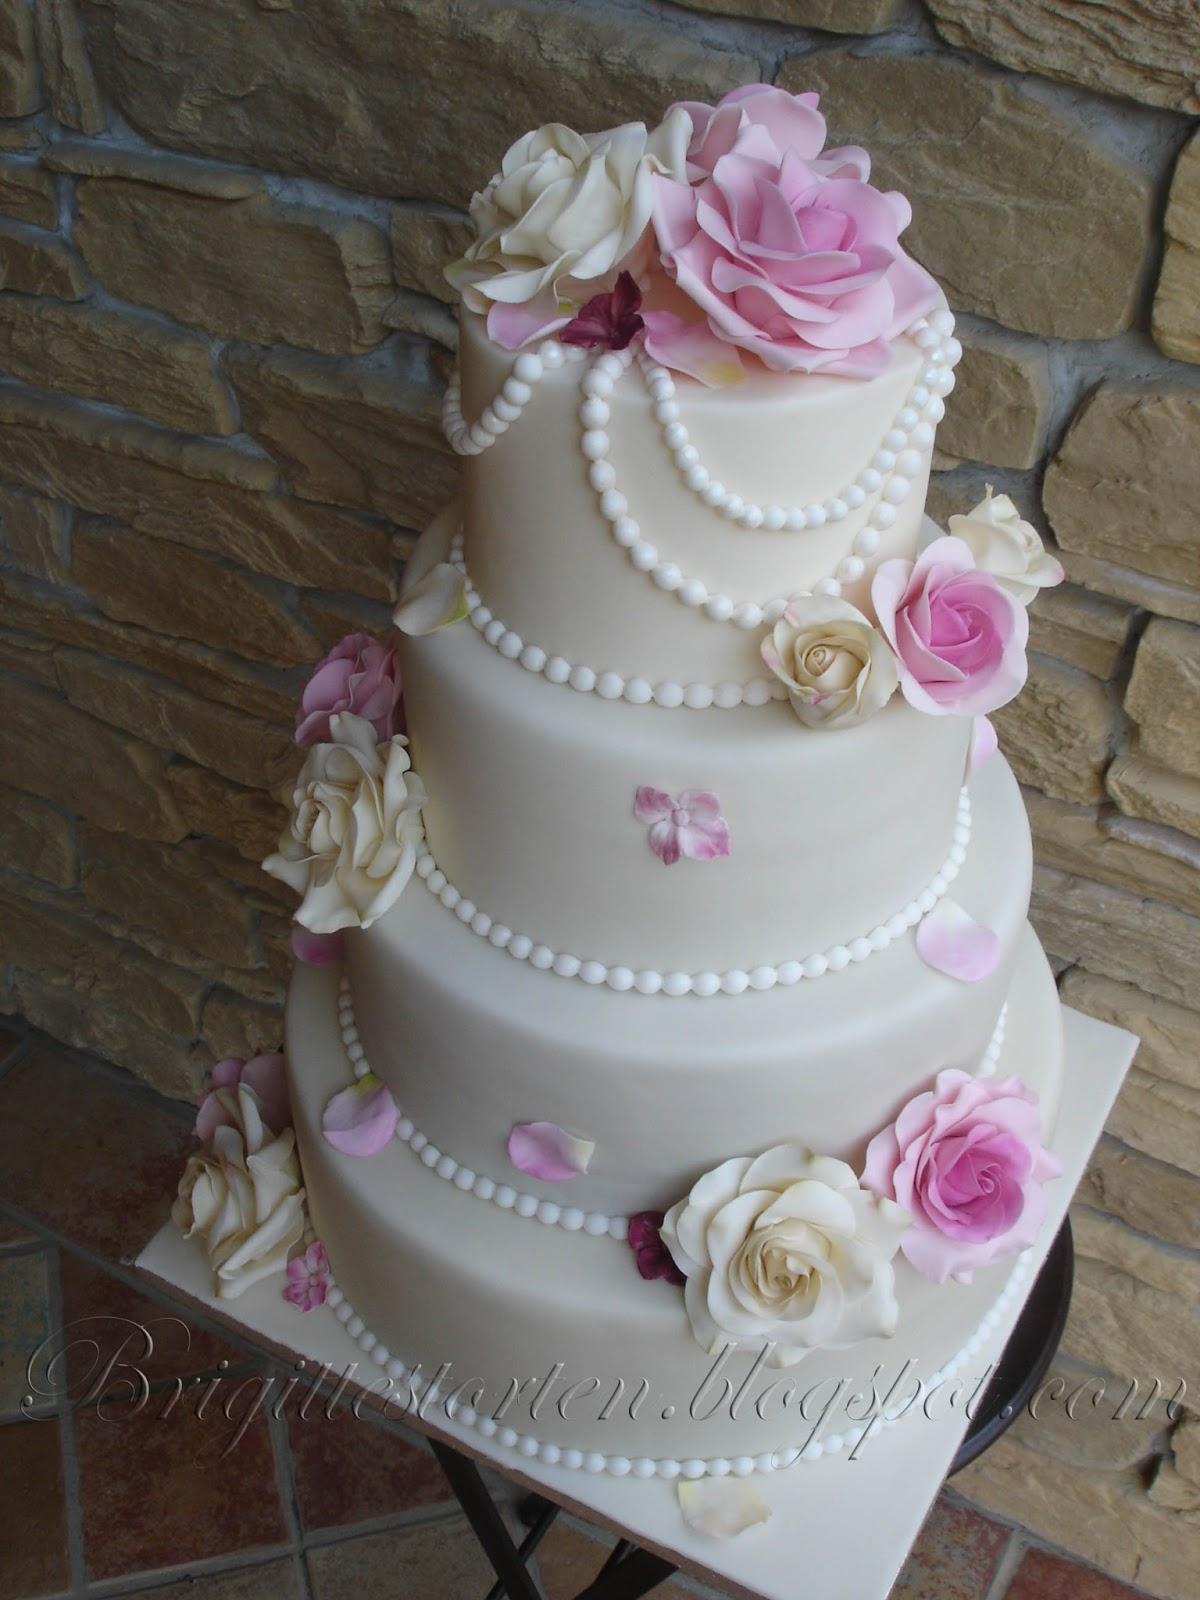 Romantische Vierstockige Hochzeitstorte Mit Zwei Verschiedenfarbigen